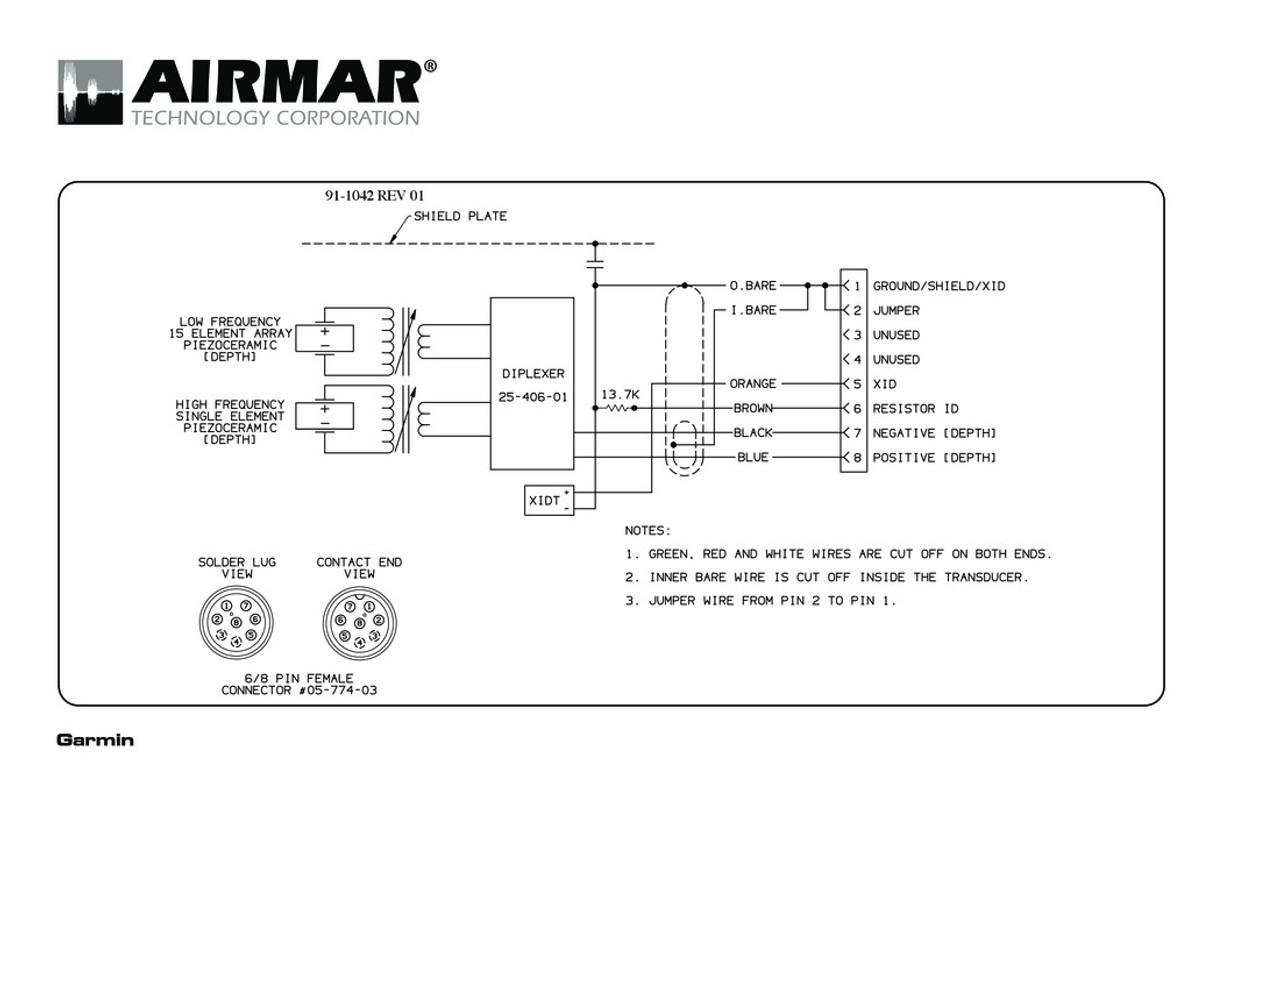 18 5 Wiring Diagram Garmin - Wiring Liry Diagram A5 Garmin C Wiring Diagram on